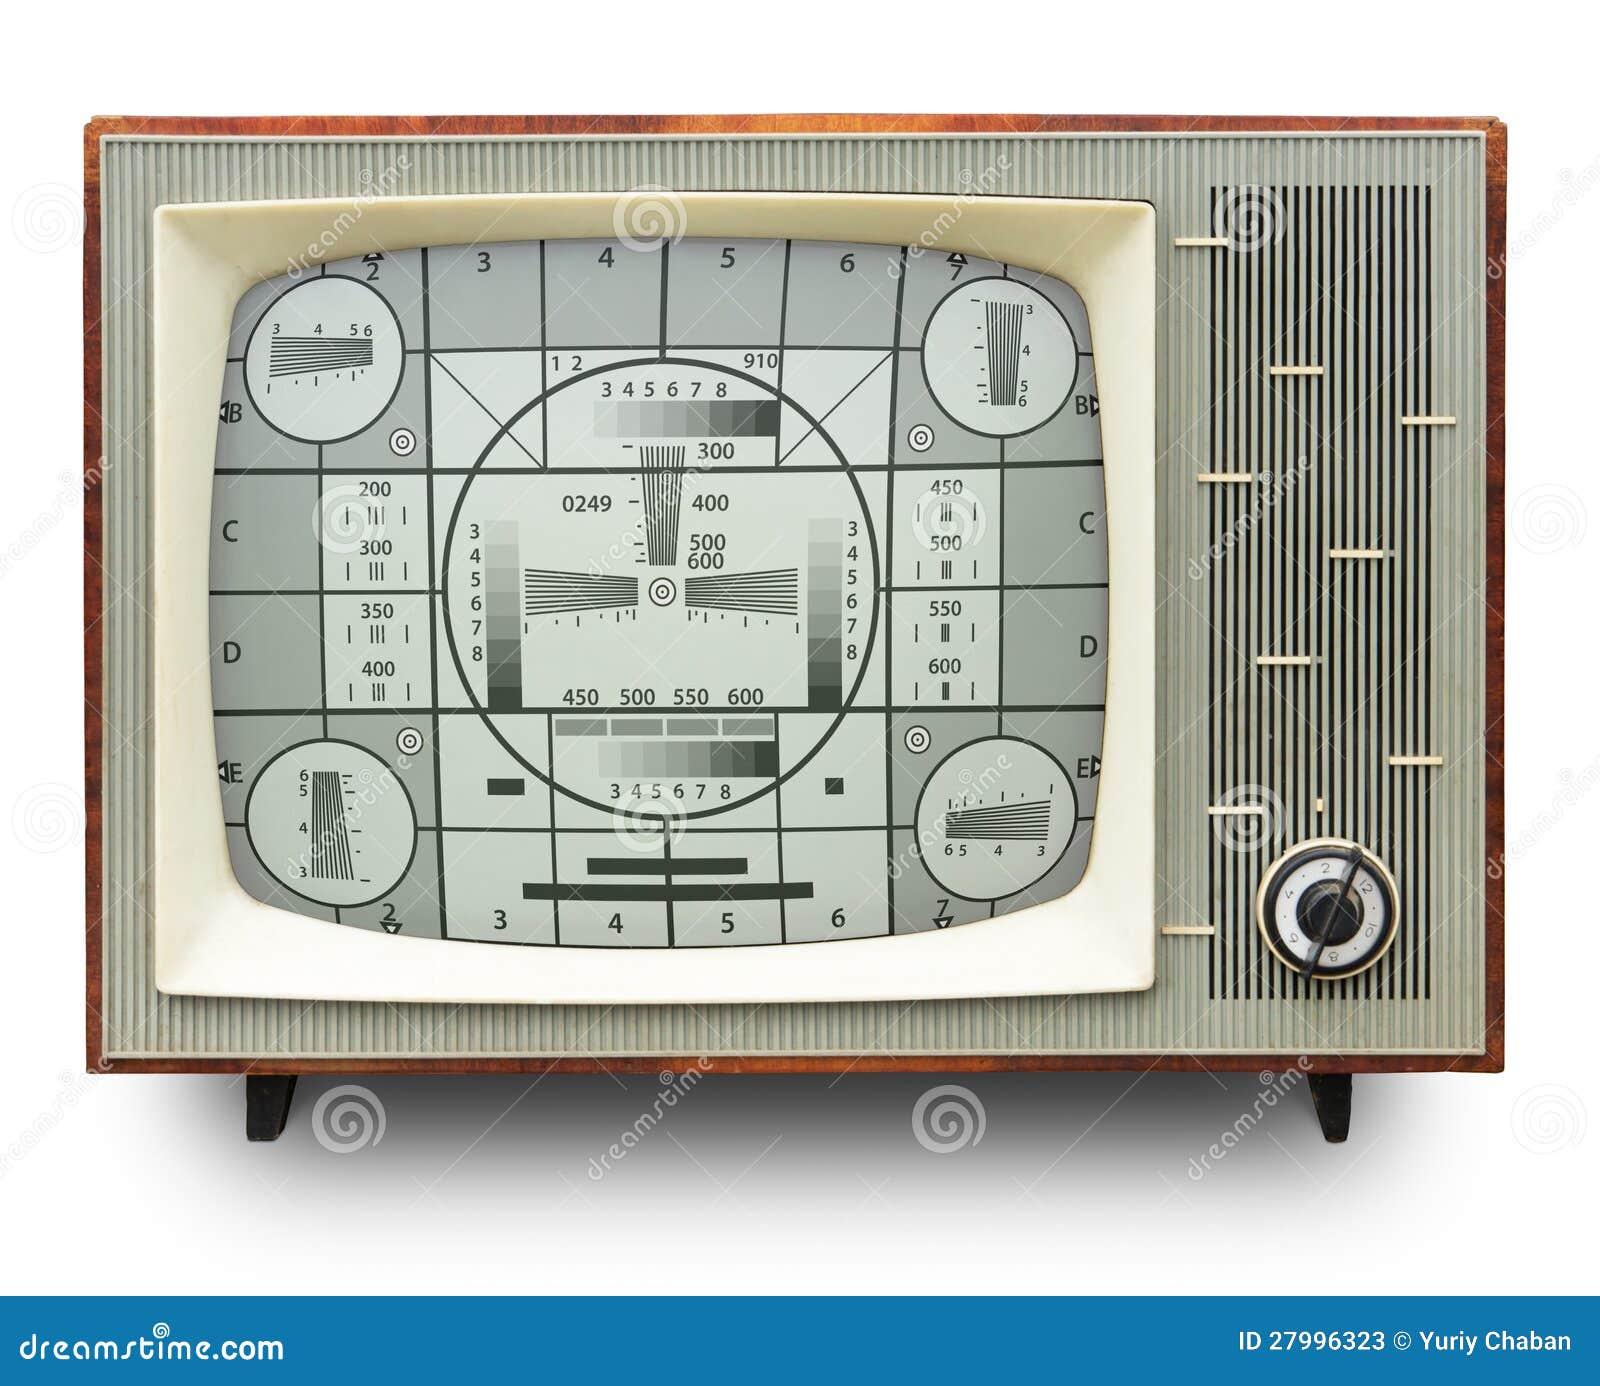 Cartão do teste da transmissão da tevê no aparelho de televisão do vintage